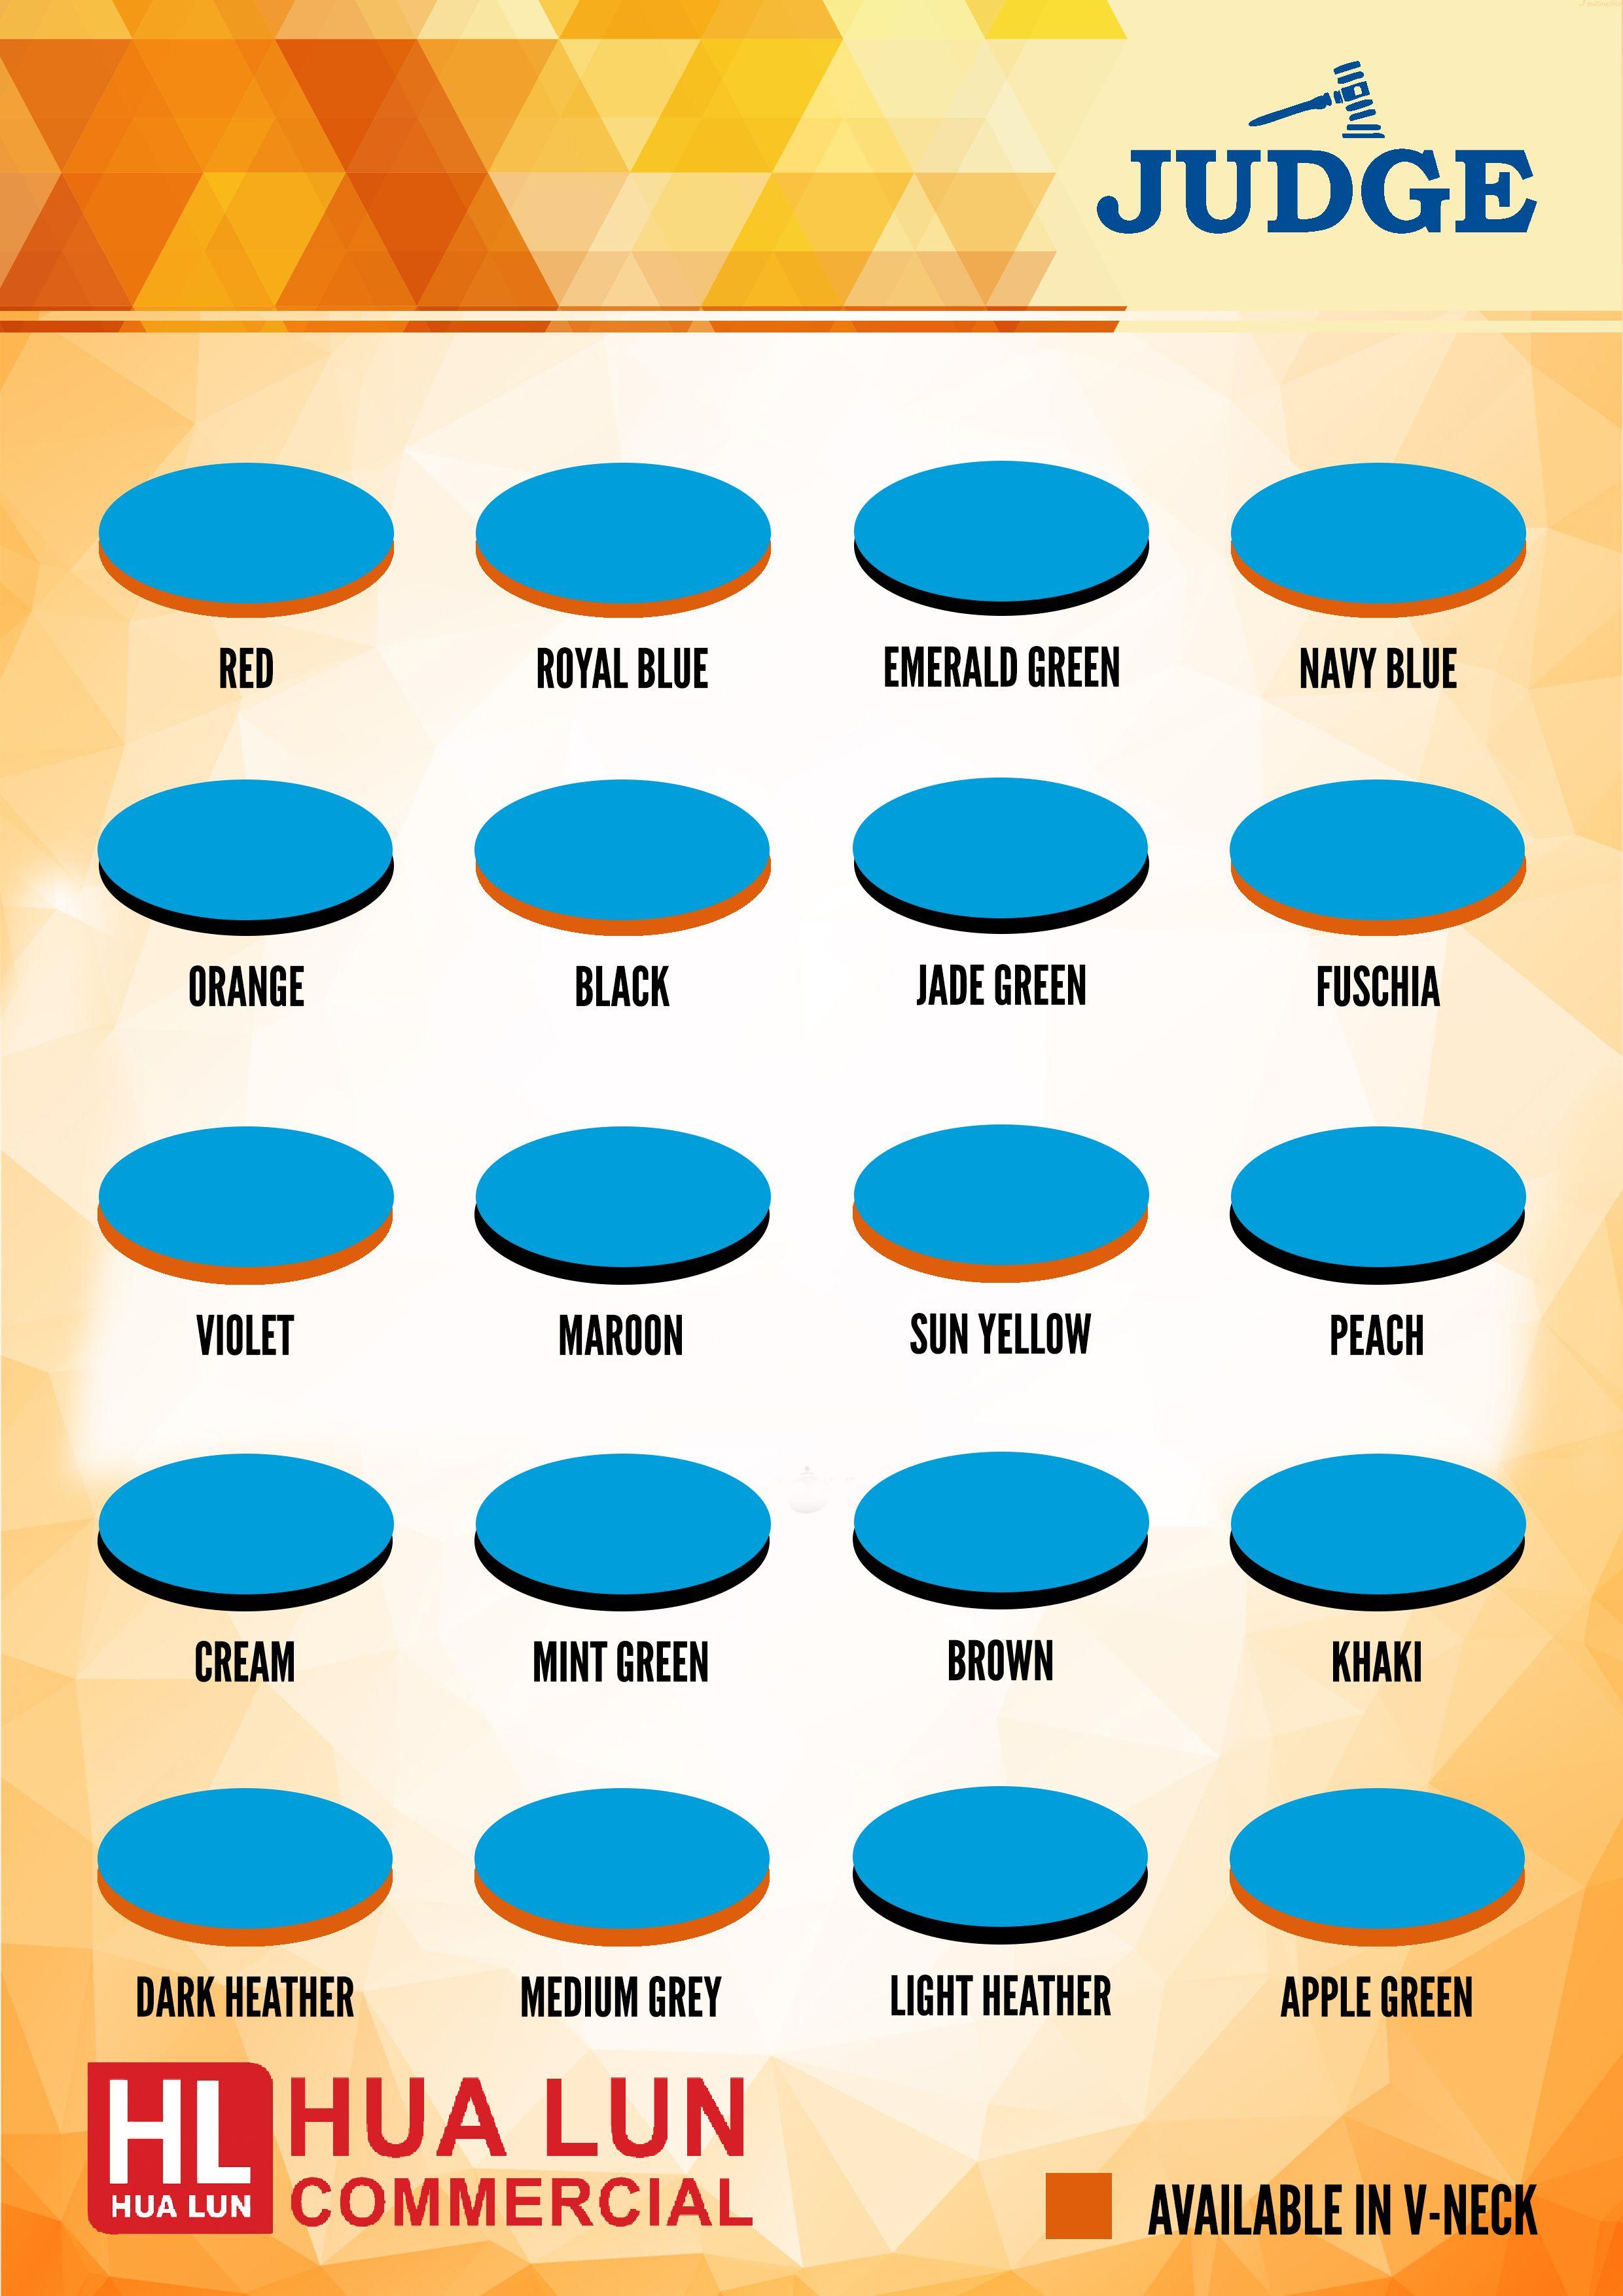 Judge color chart shirt catalogs pinterest colour chart judge color chart nvjuhfo Image collections